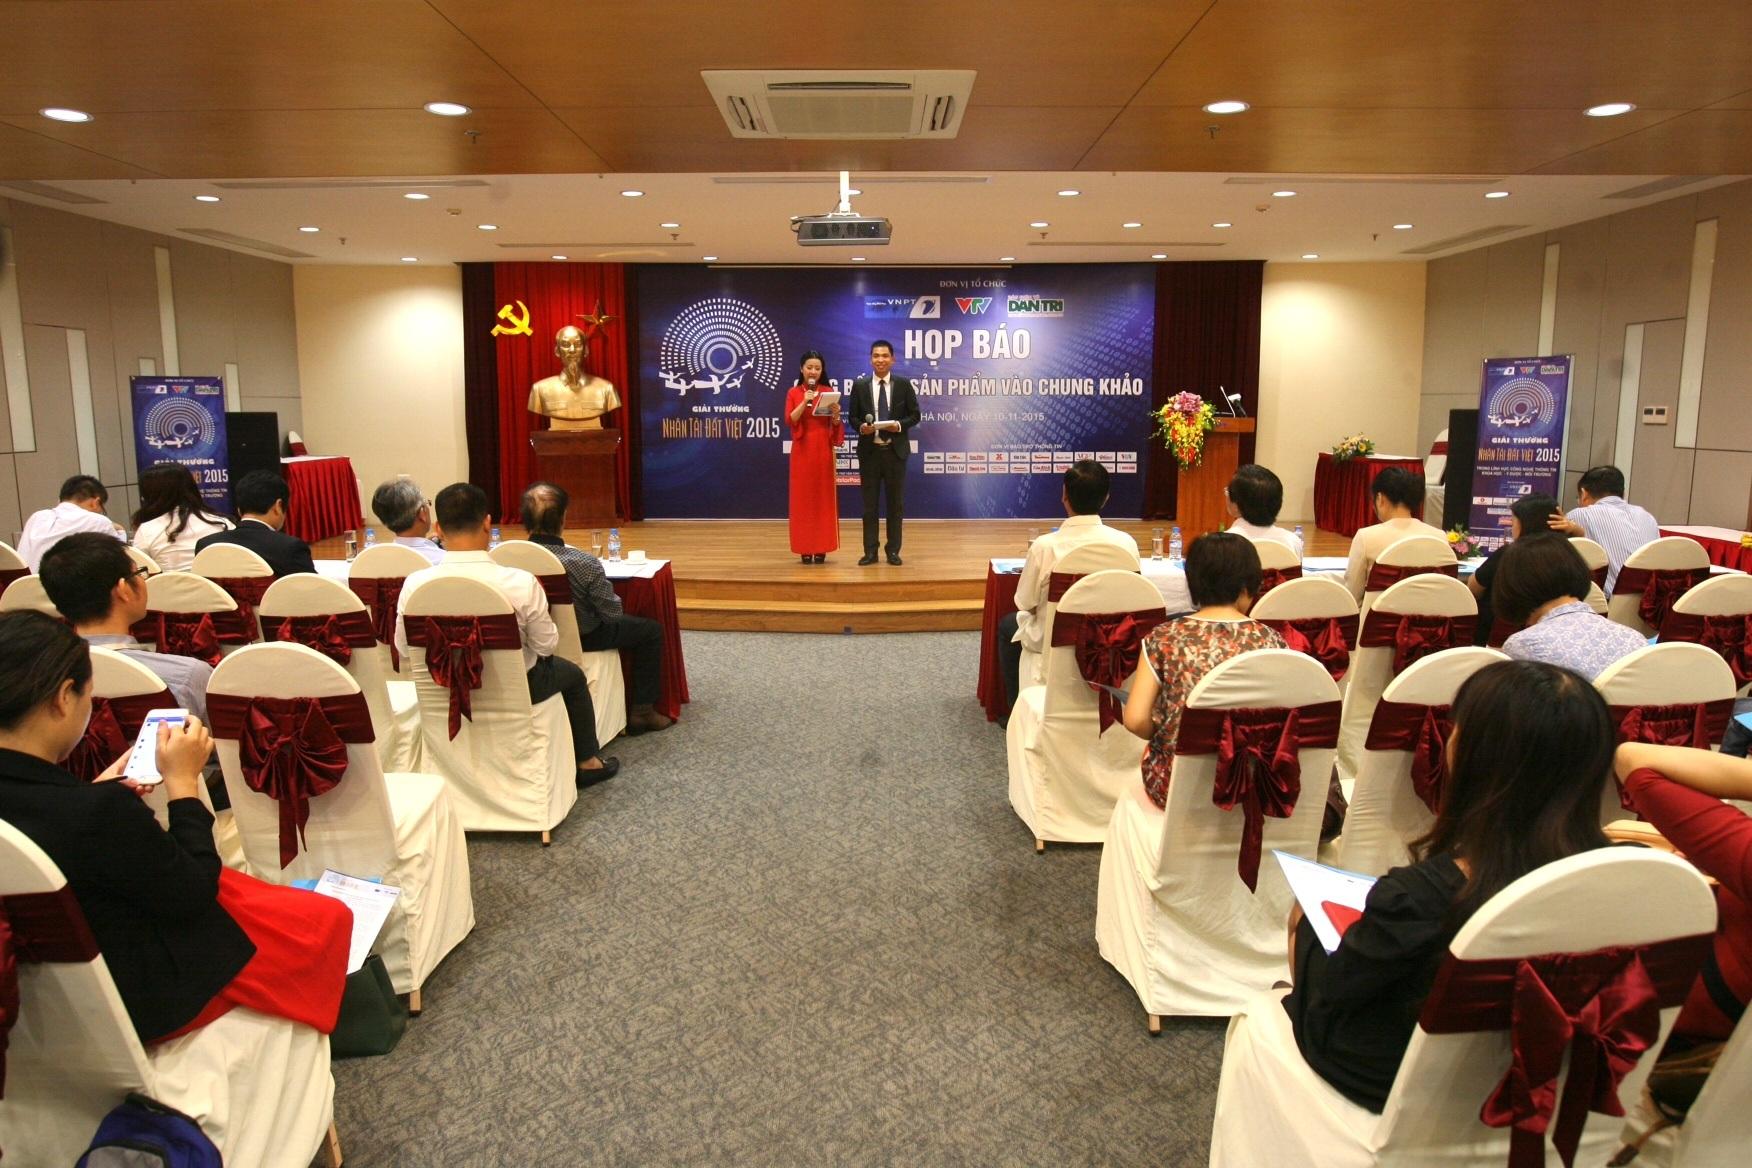 Lễ công bố sơ khảo thu hút được sự quan tâm của đông đảo báo chí